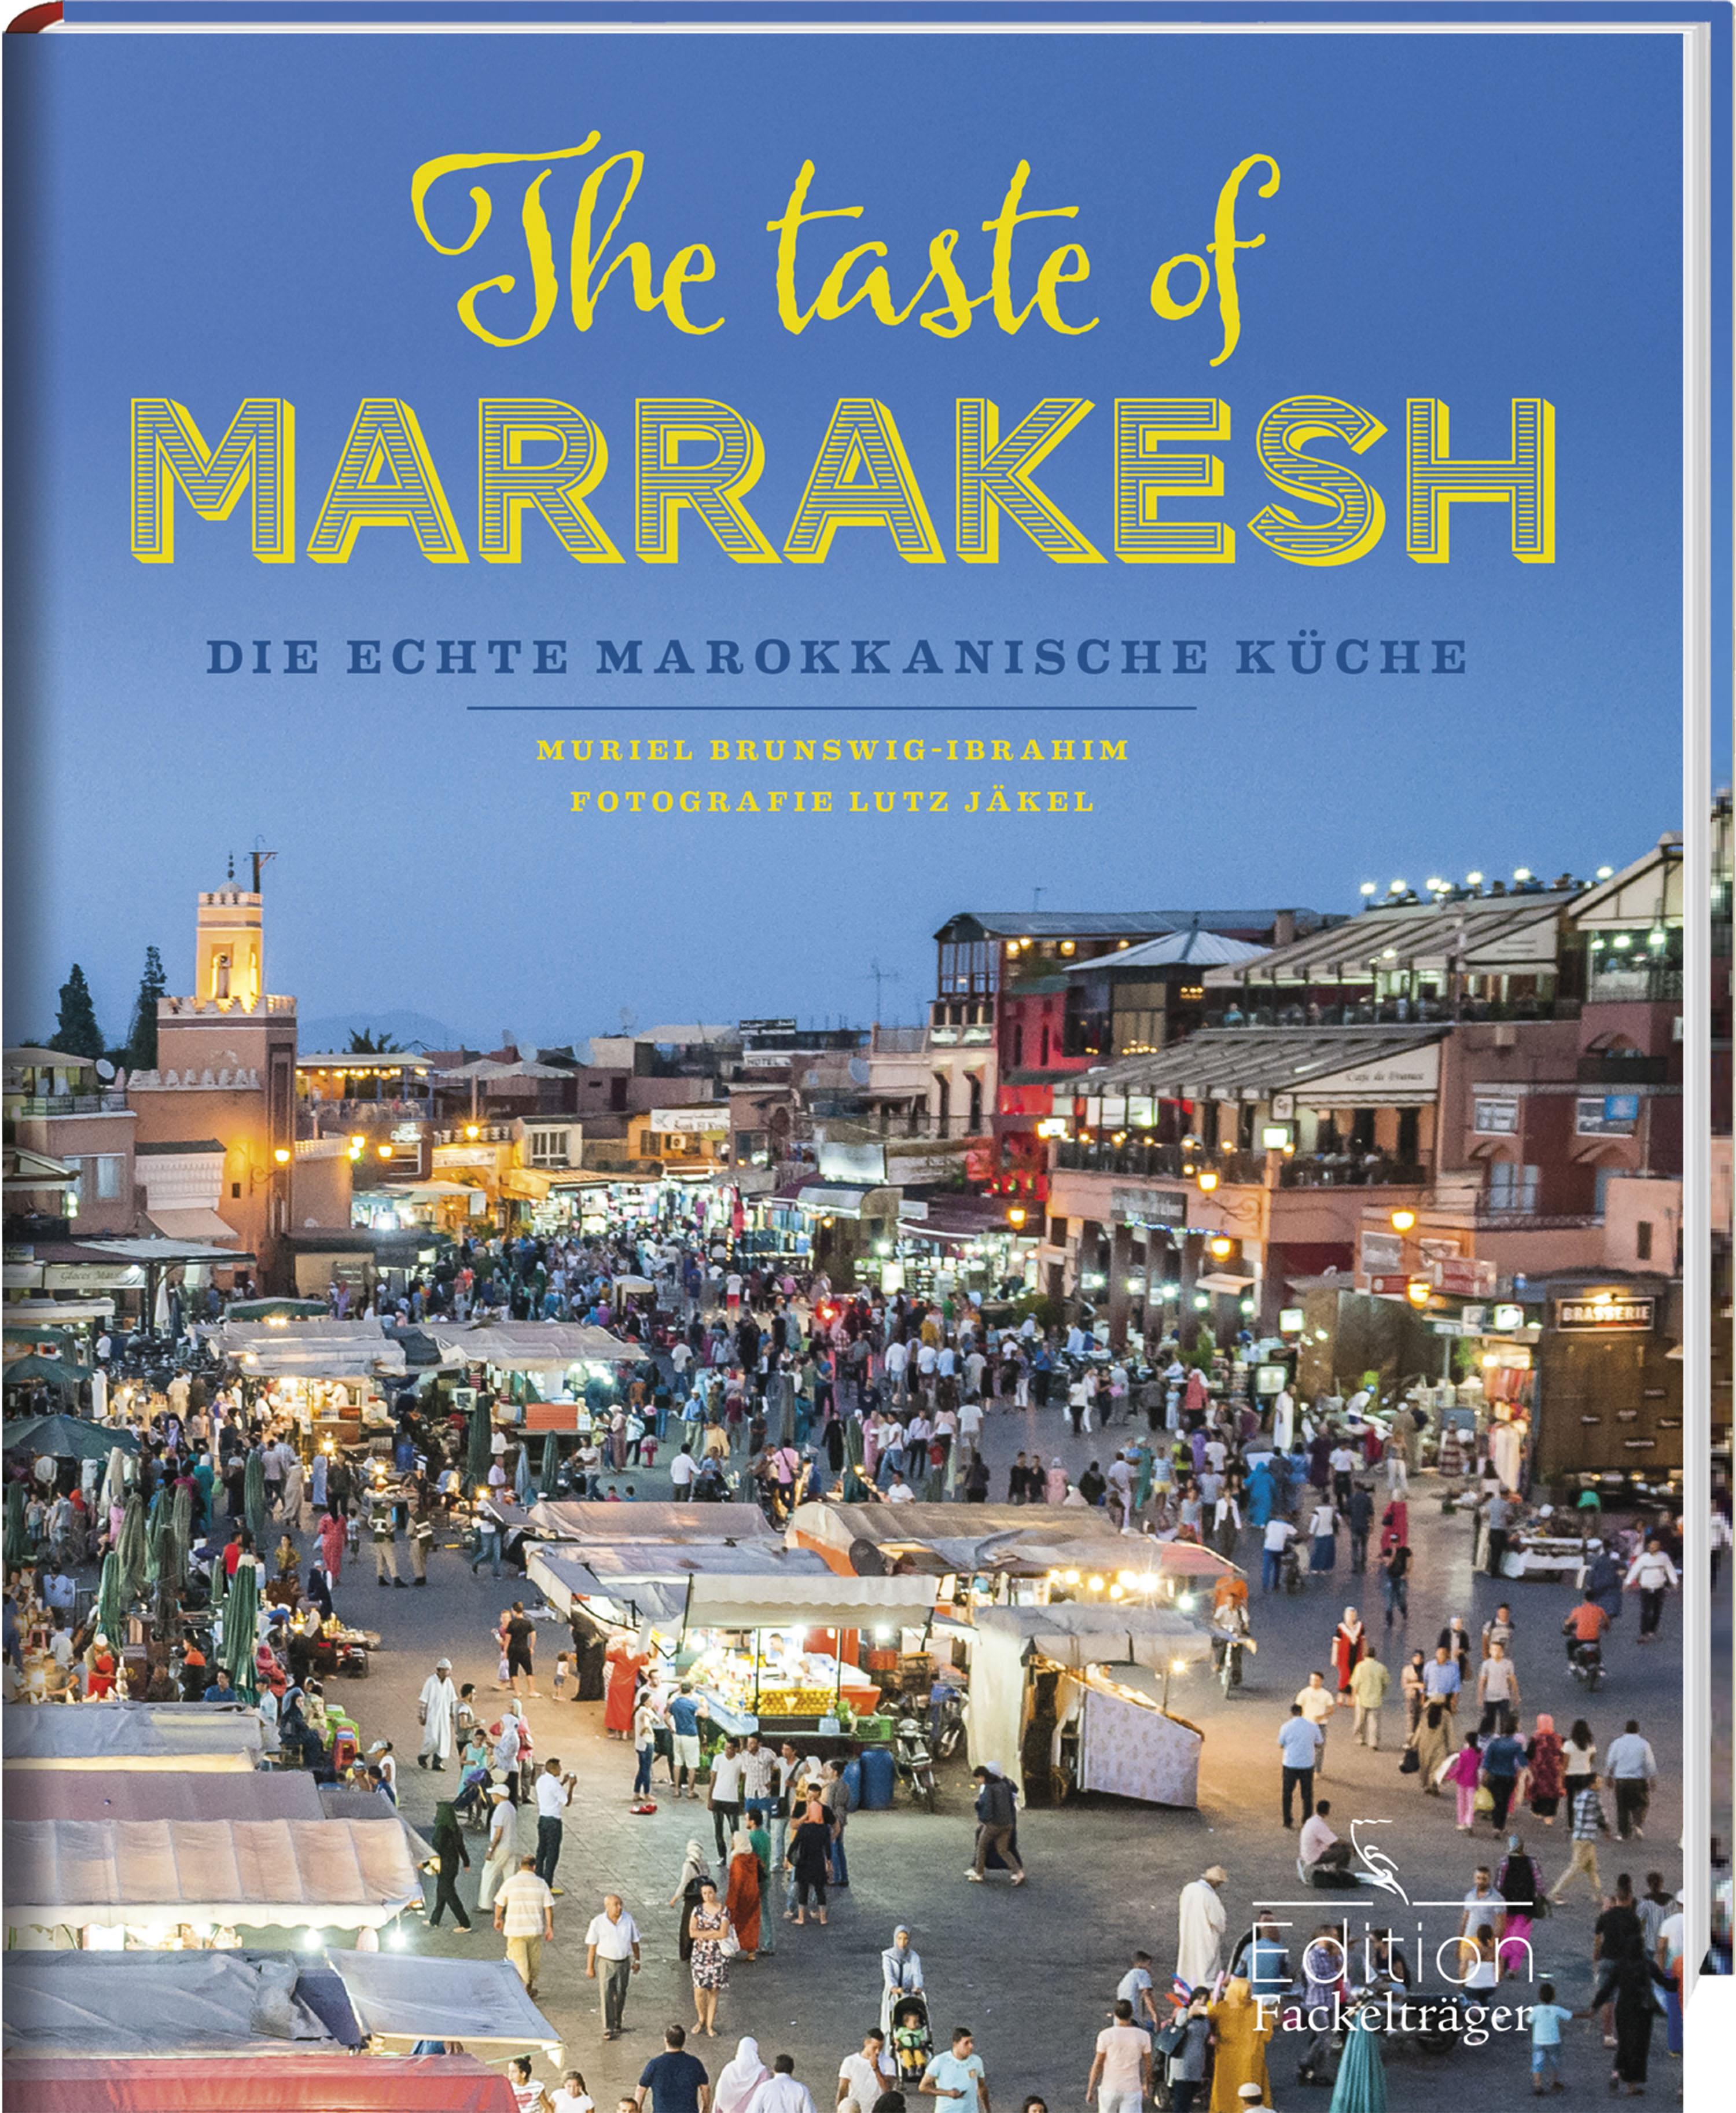 The taste of Marrakesh - Die echte marokkanische Küche Muriel Brunswig-Ibra ...